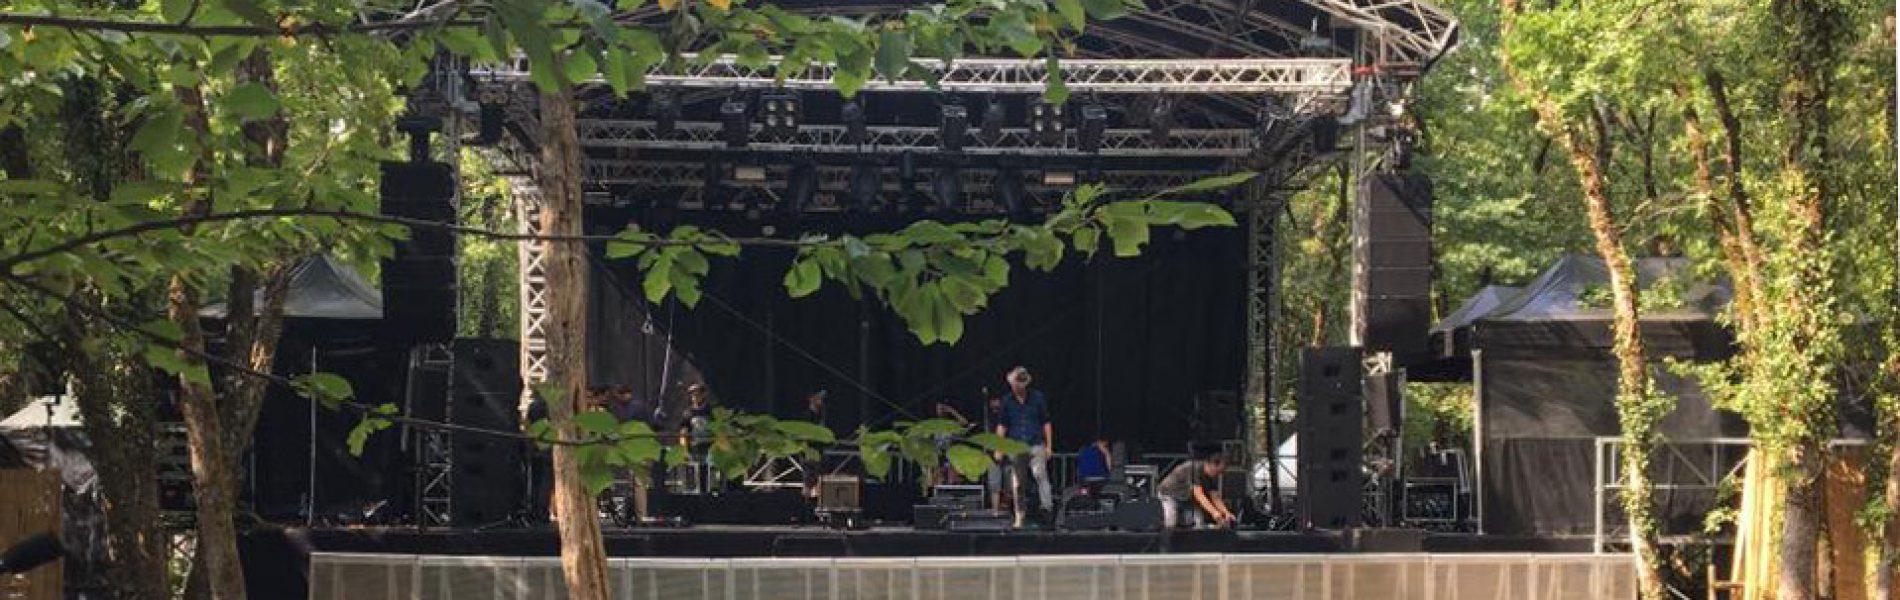 scène festival de la Motte